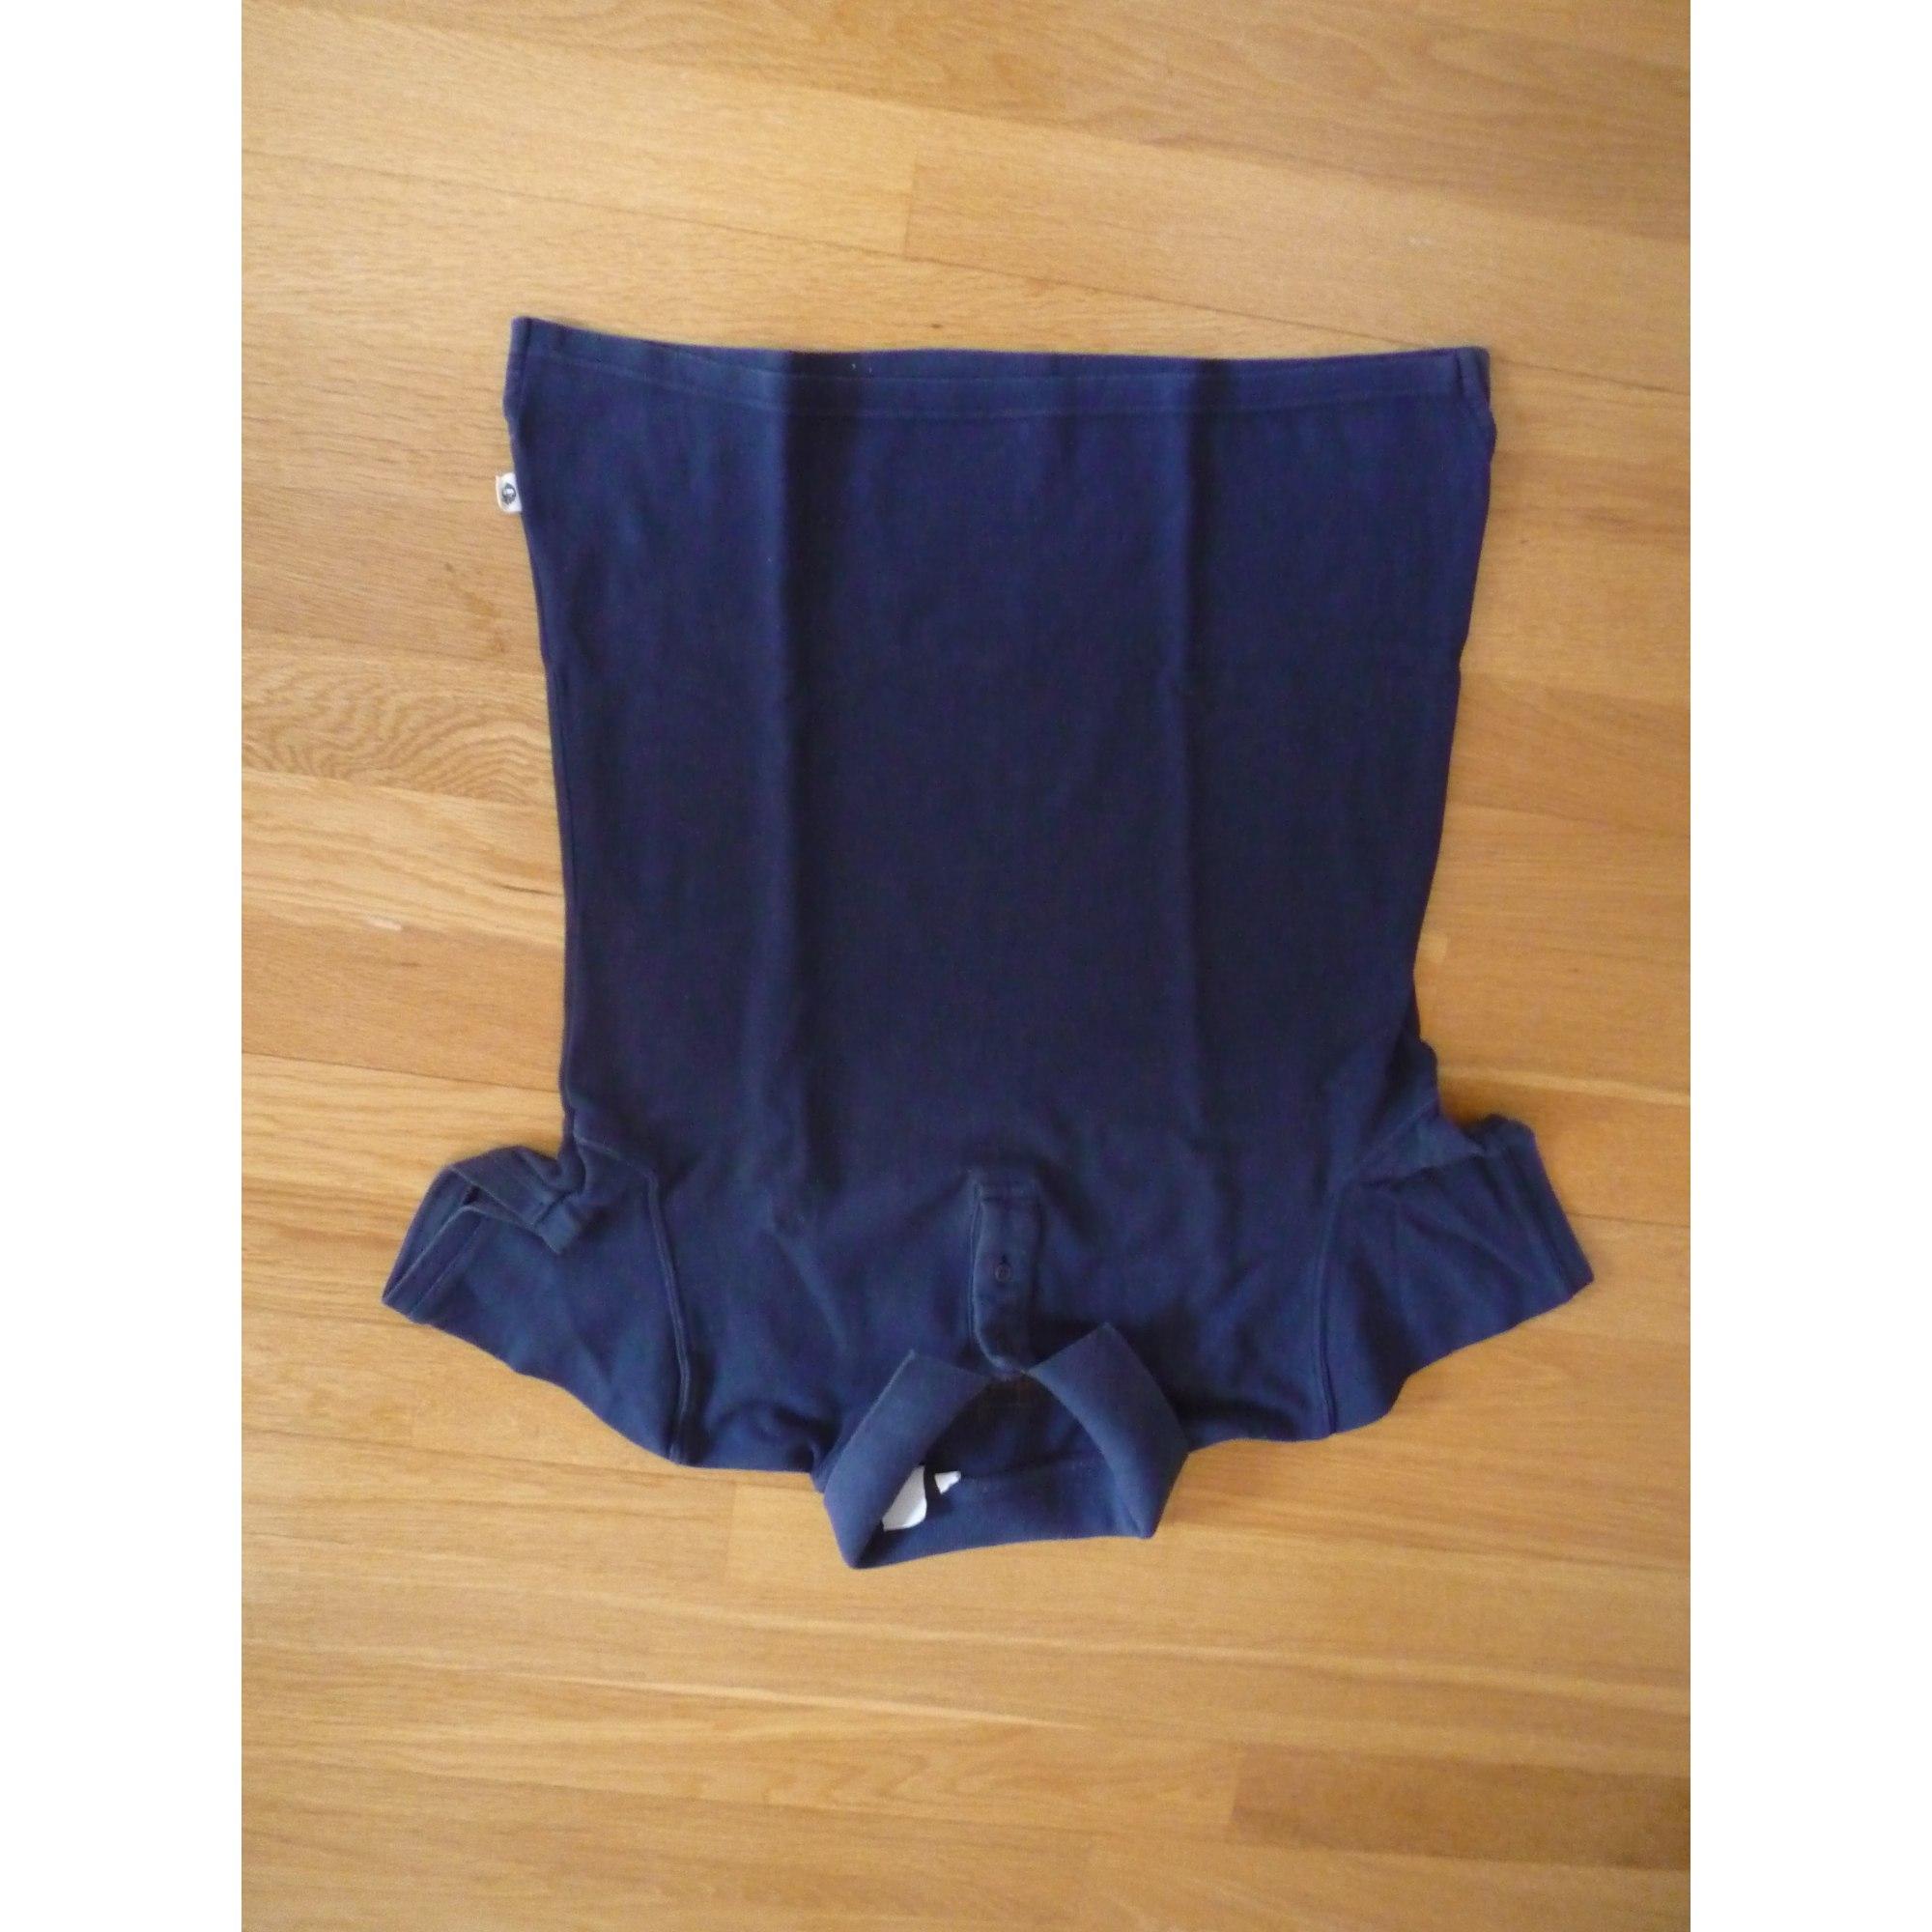 Polo TIMBERLAND Bleu, bleu marine, bleu turquoise